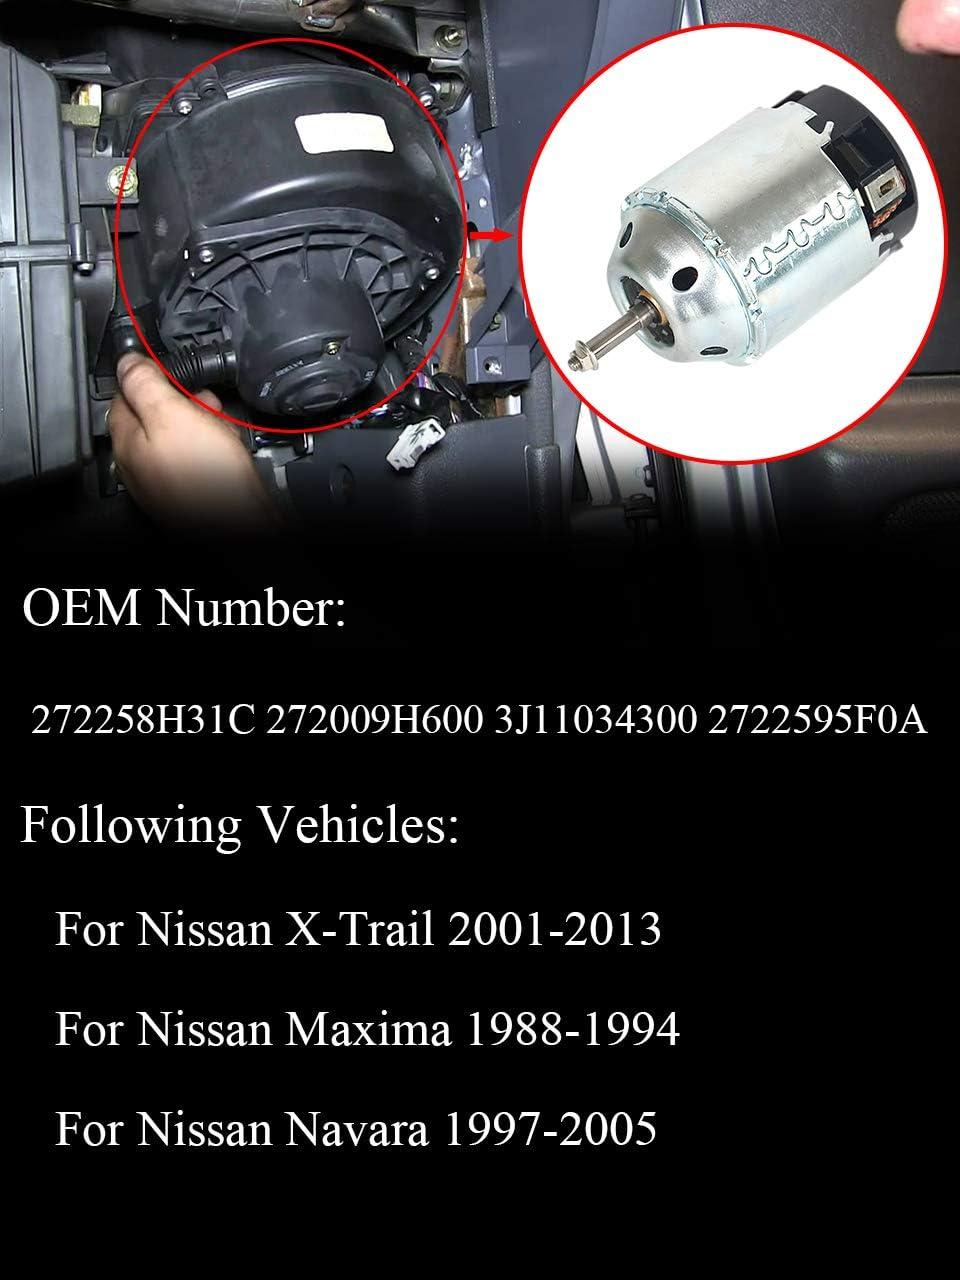 27200-9H600 27225-8H31 Heizgebl/äsemotor f/ür X-Trail T30 Modelljahr 2001-2013